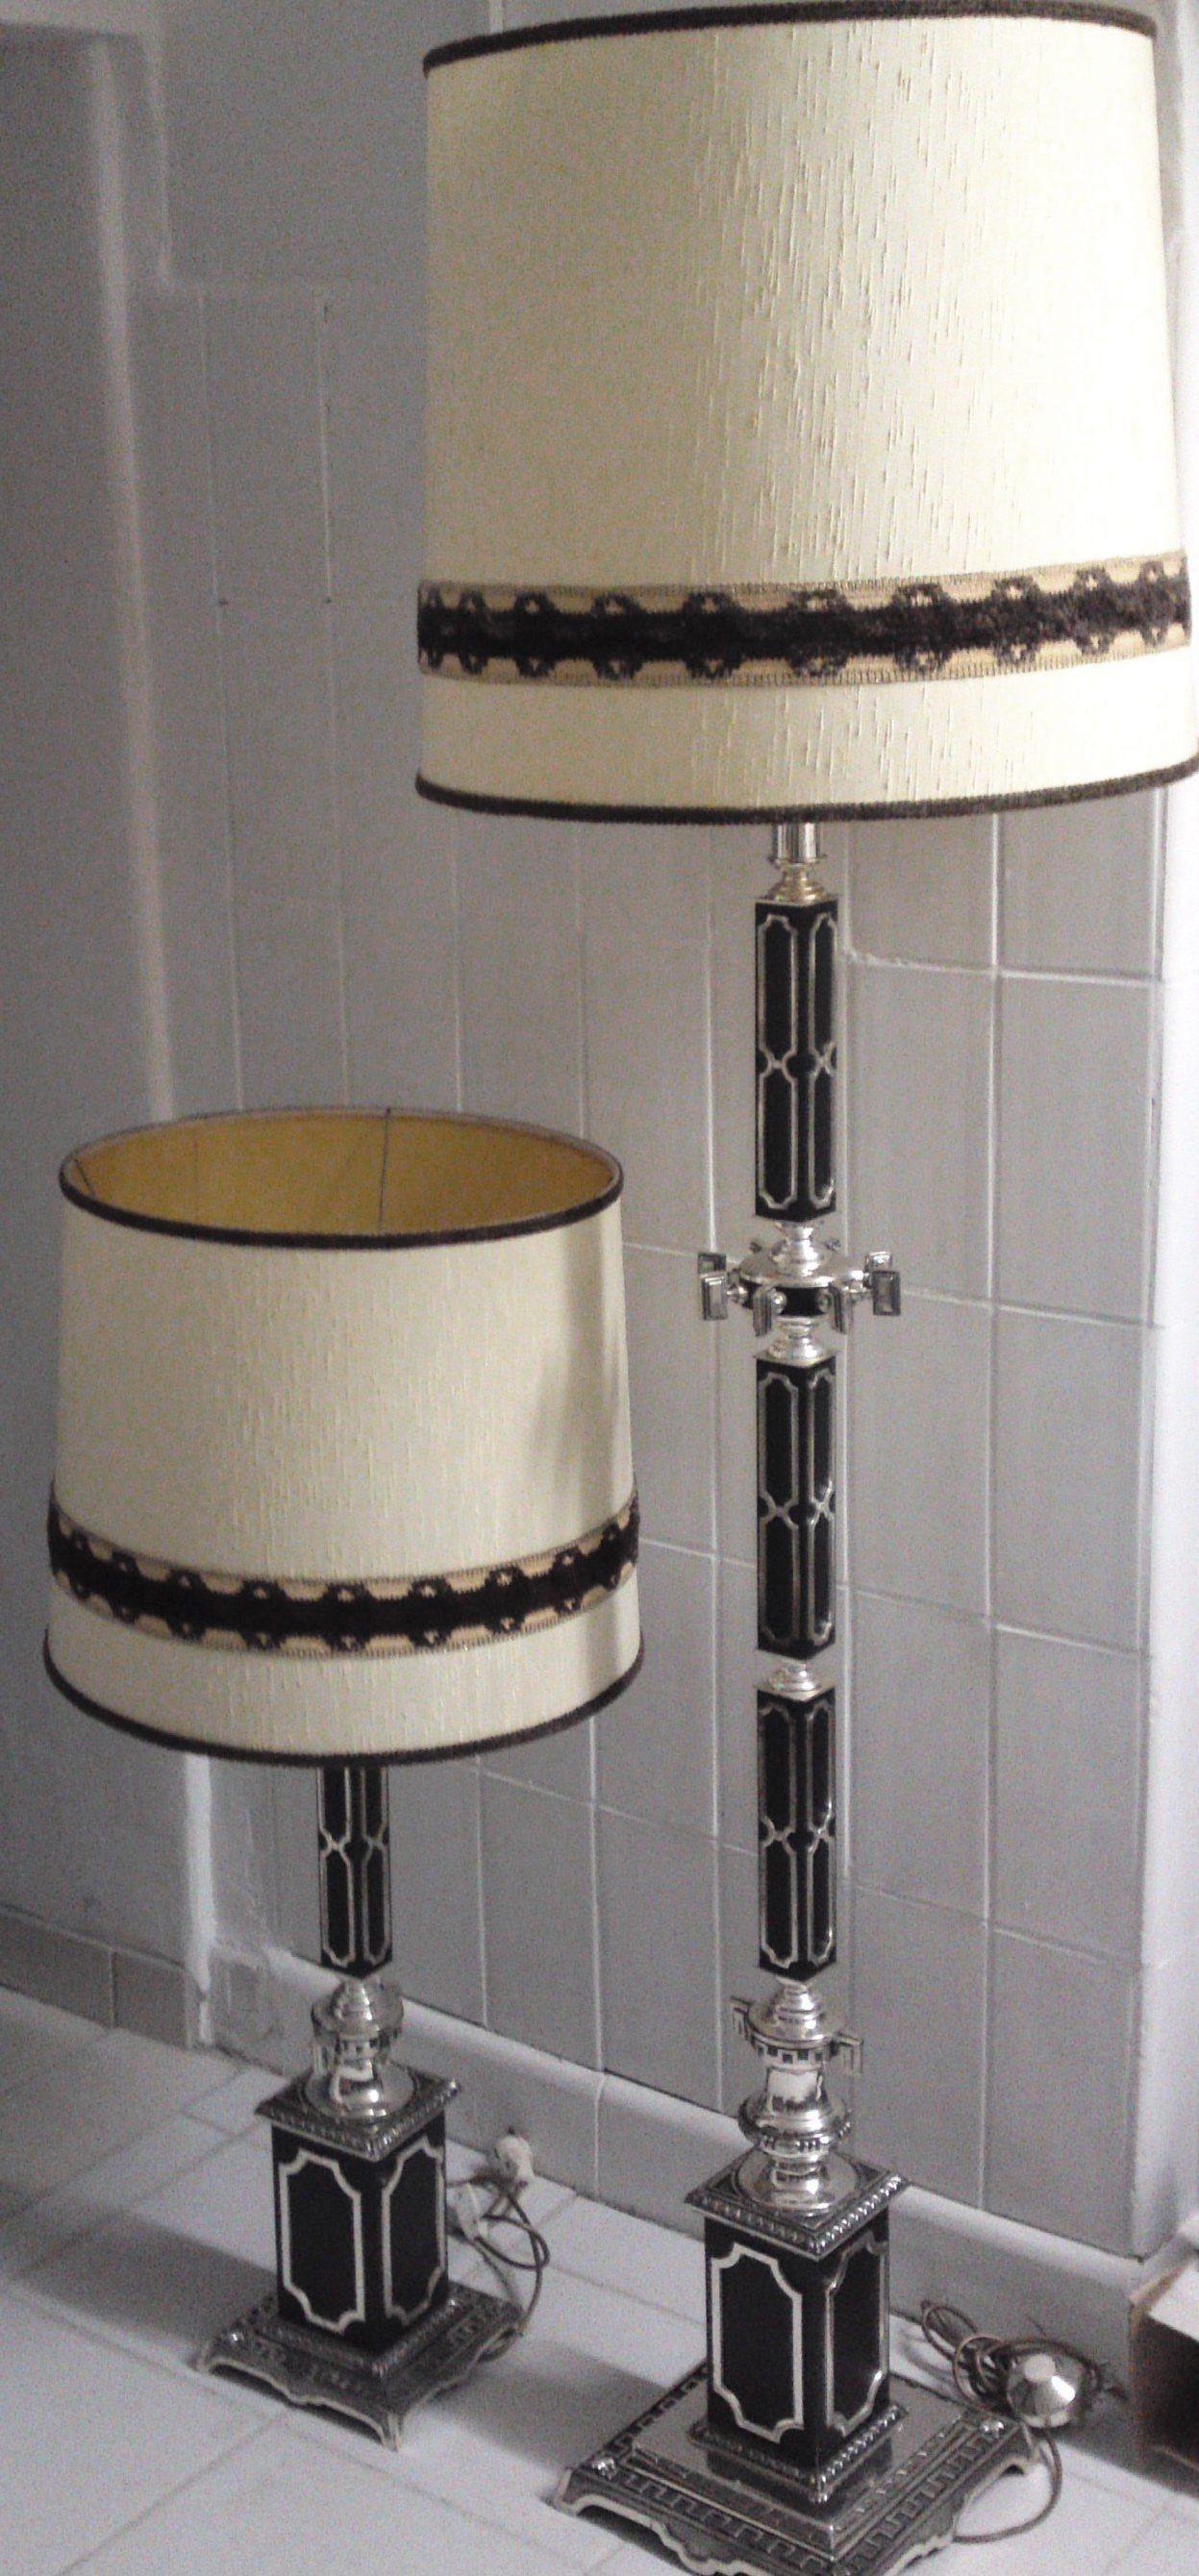 stehlampe und tischlampe ca 70er jahre ausgefallenes design blumen shop. Black Bedroom Furniture Sets. Home Design Ideas